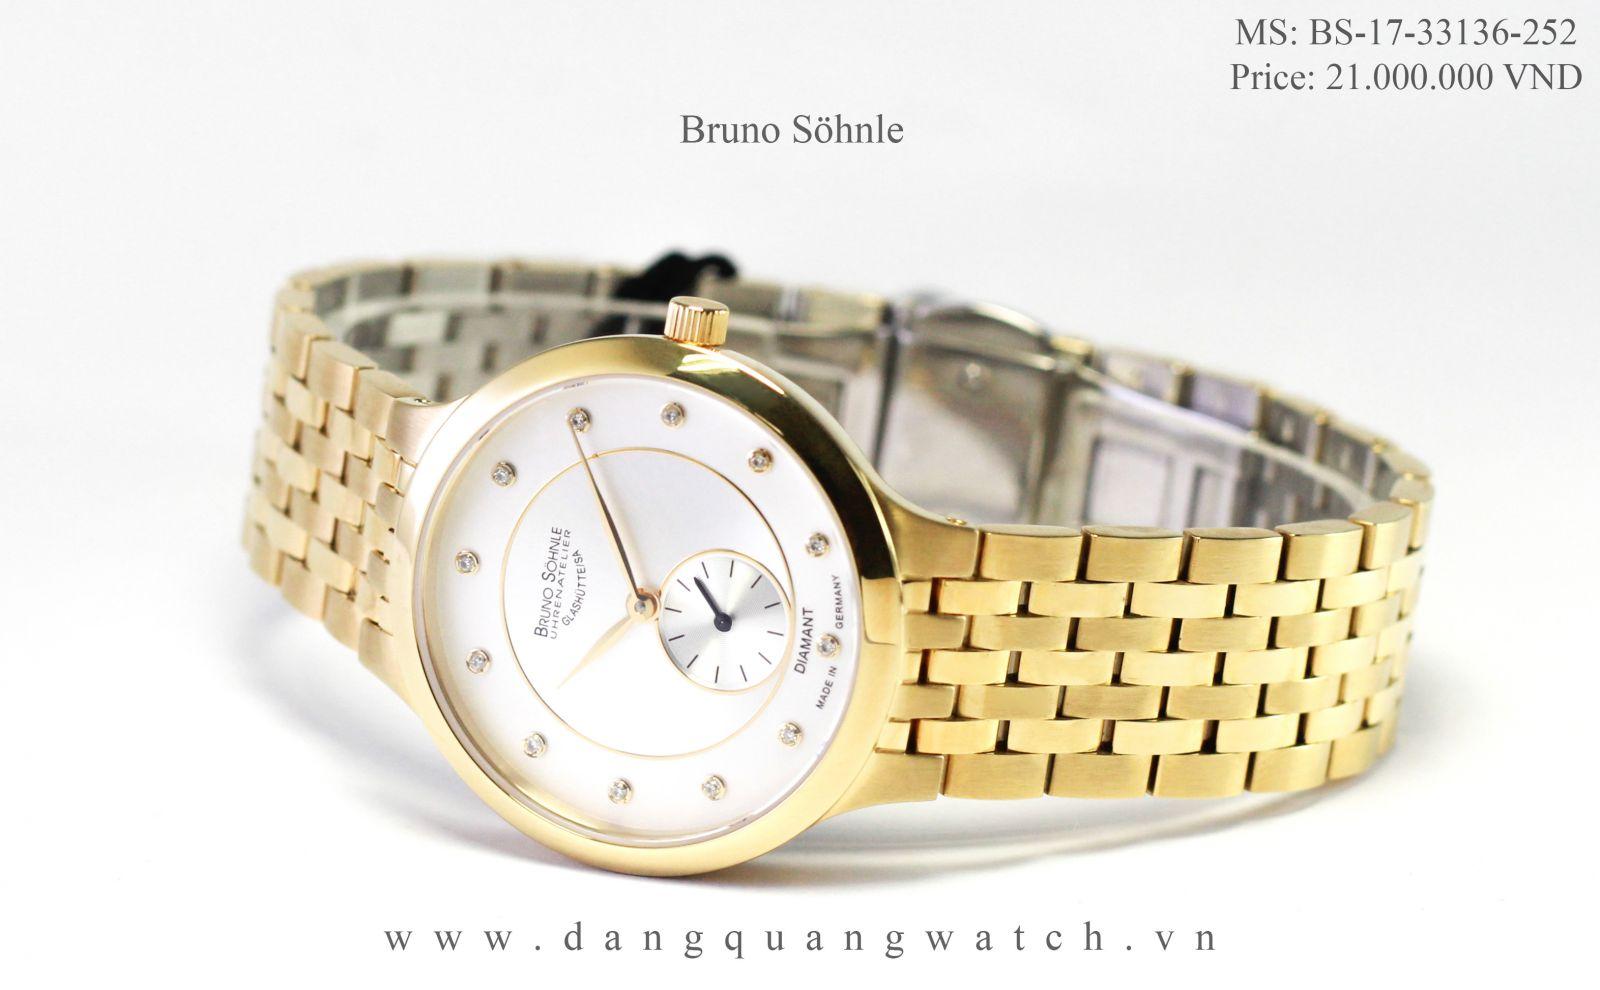 đồng hồ nữ bruno